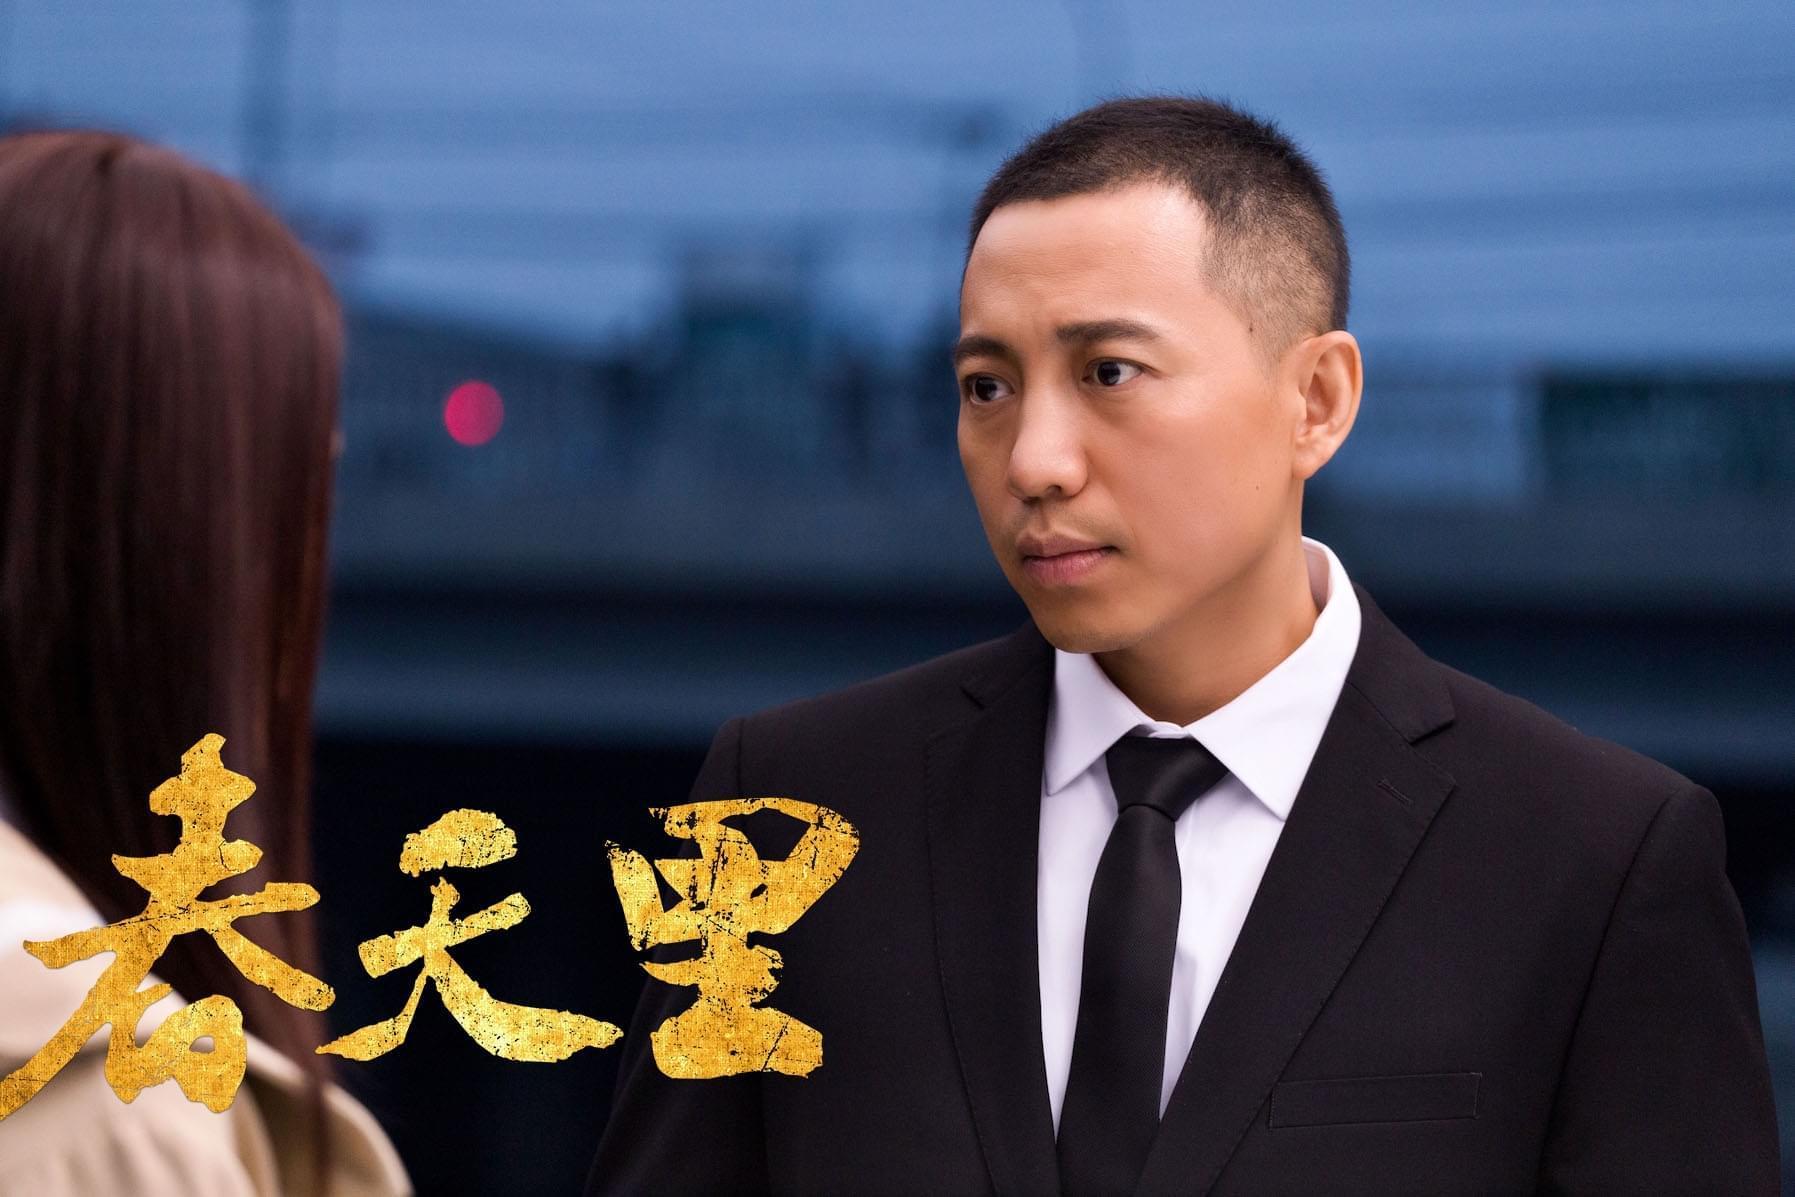 《春天里》播出获好评 谷智鑫演绎热血青春